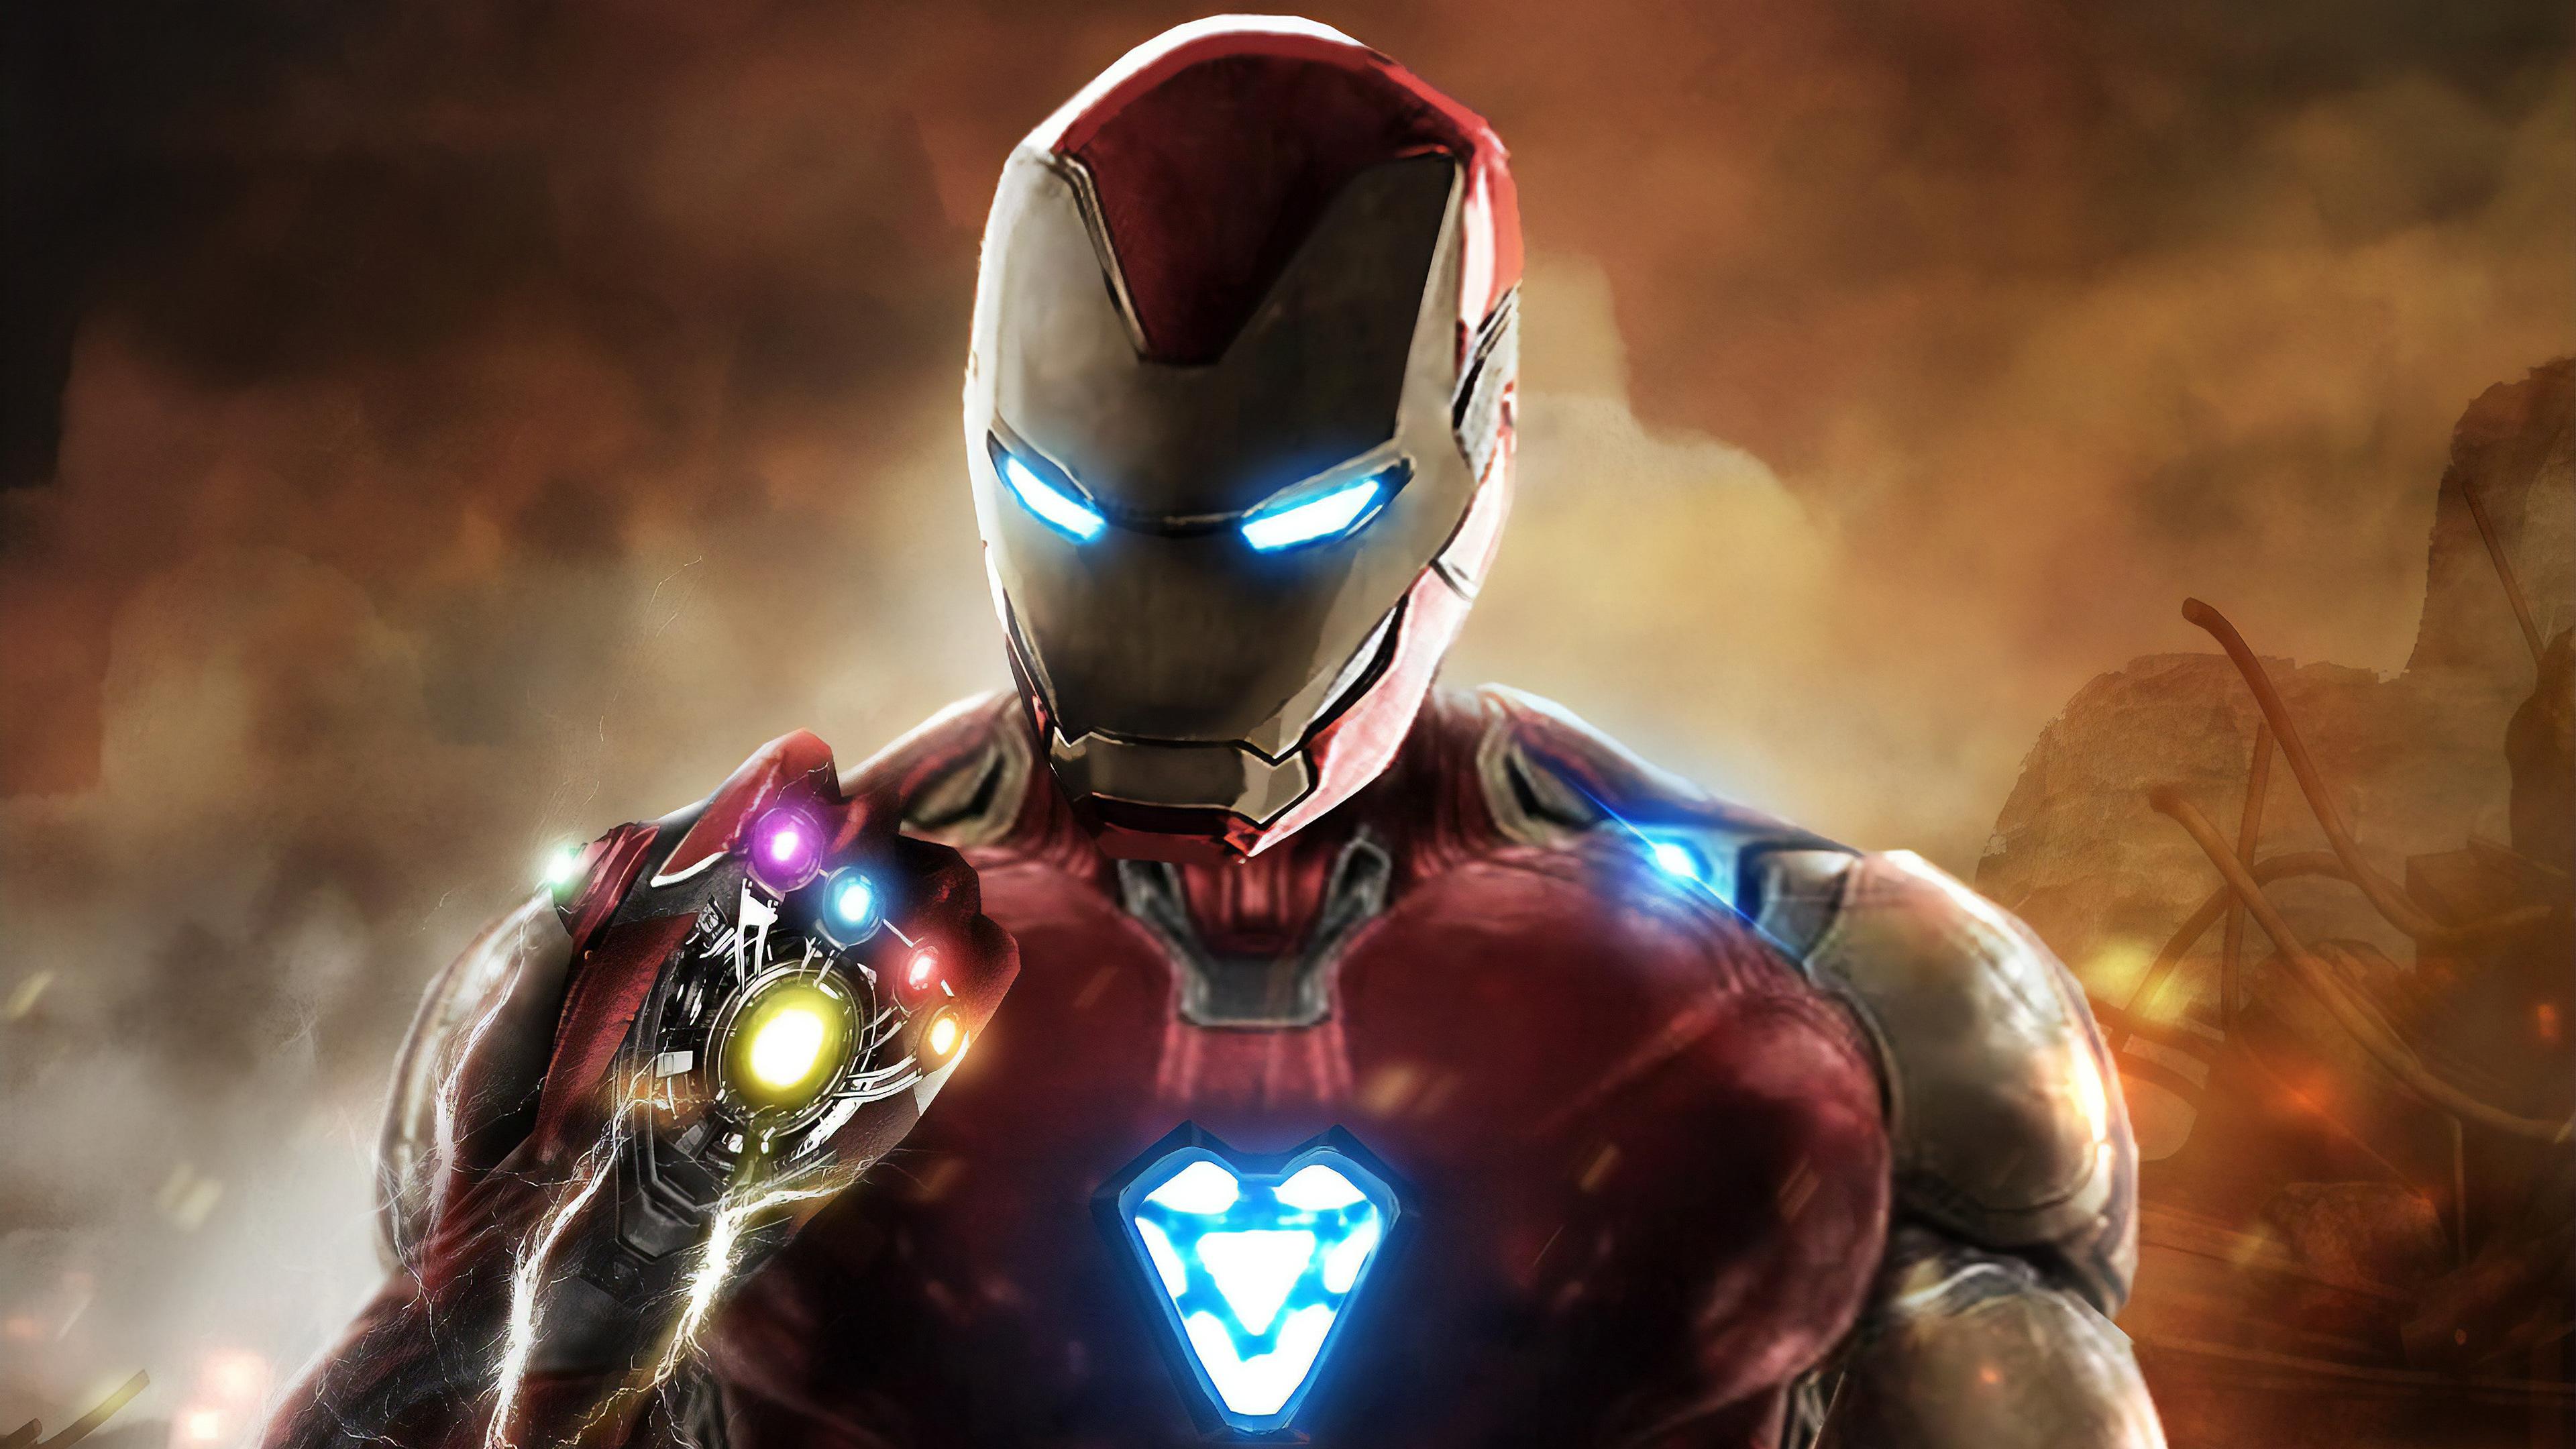 Avengers Endgame Iron Man Infinity Stones 8k Wallpaper 171